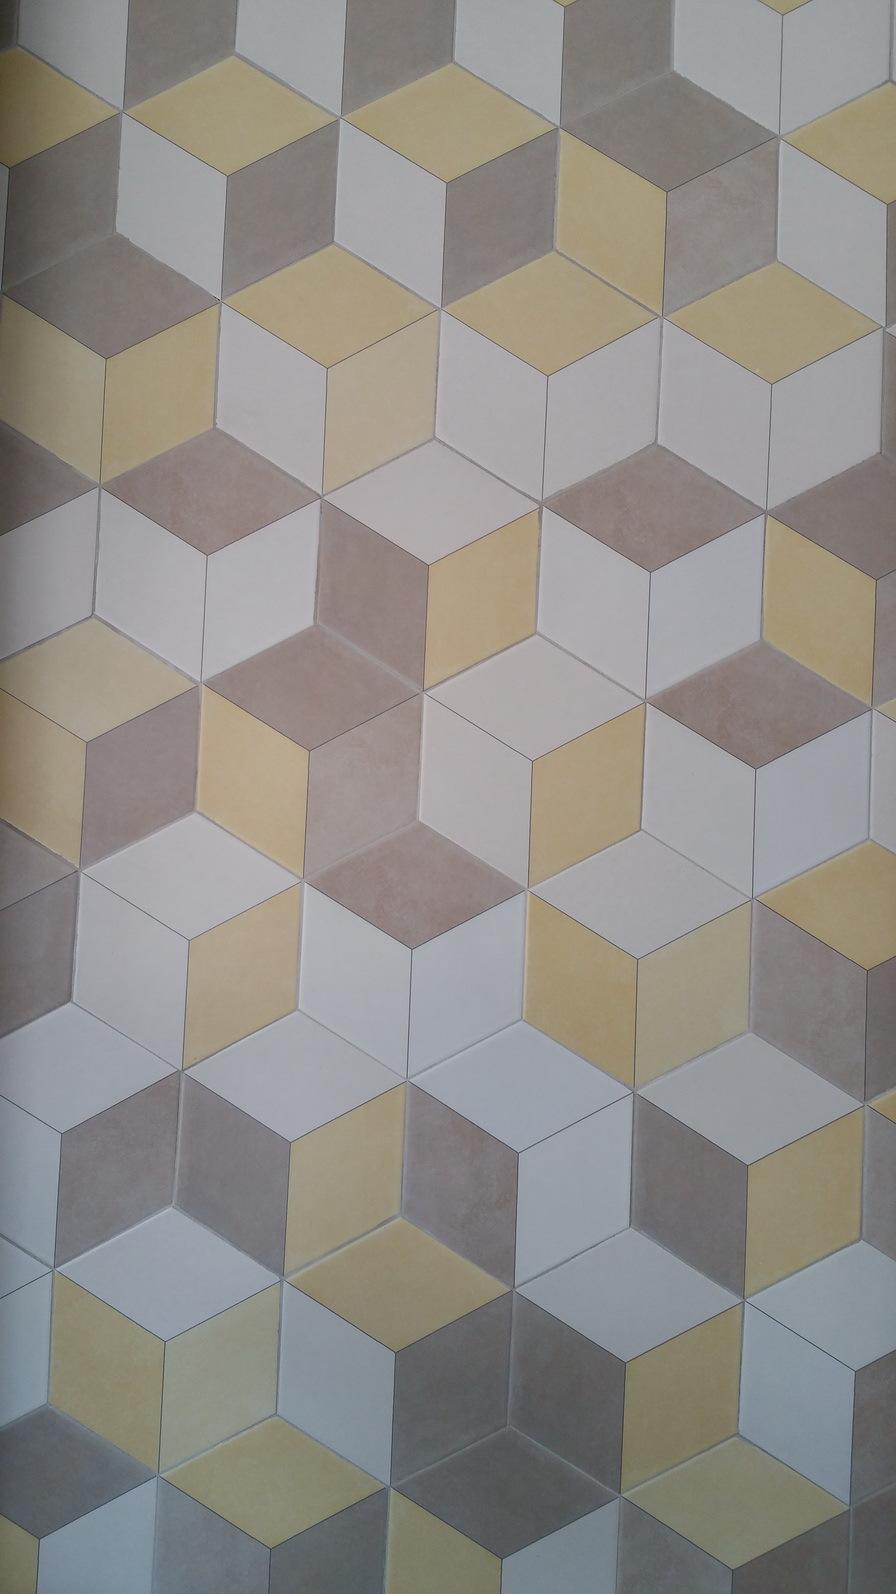 Hexagon tile floor